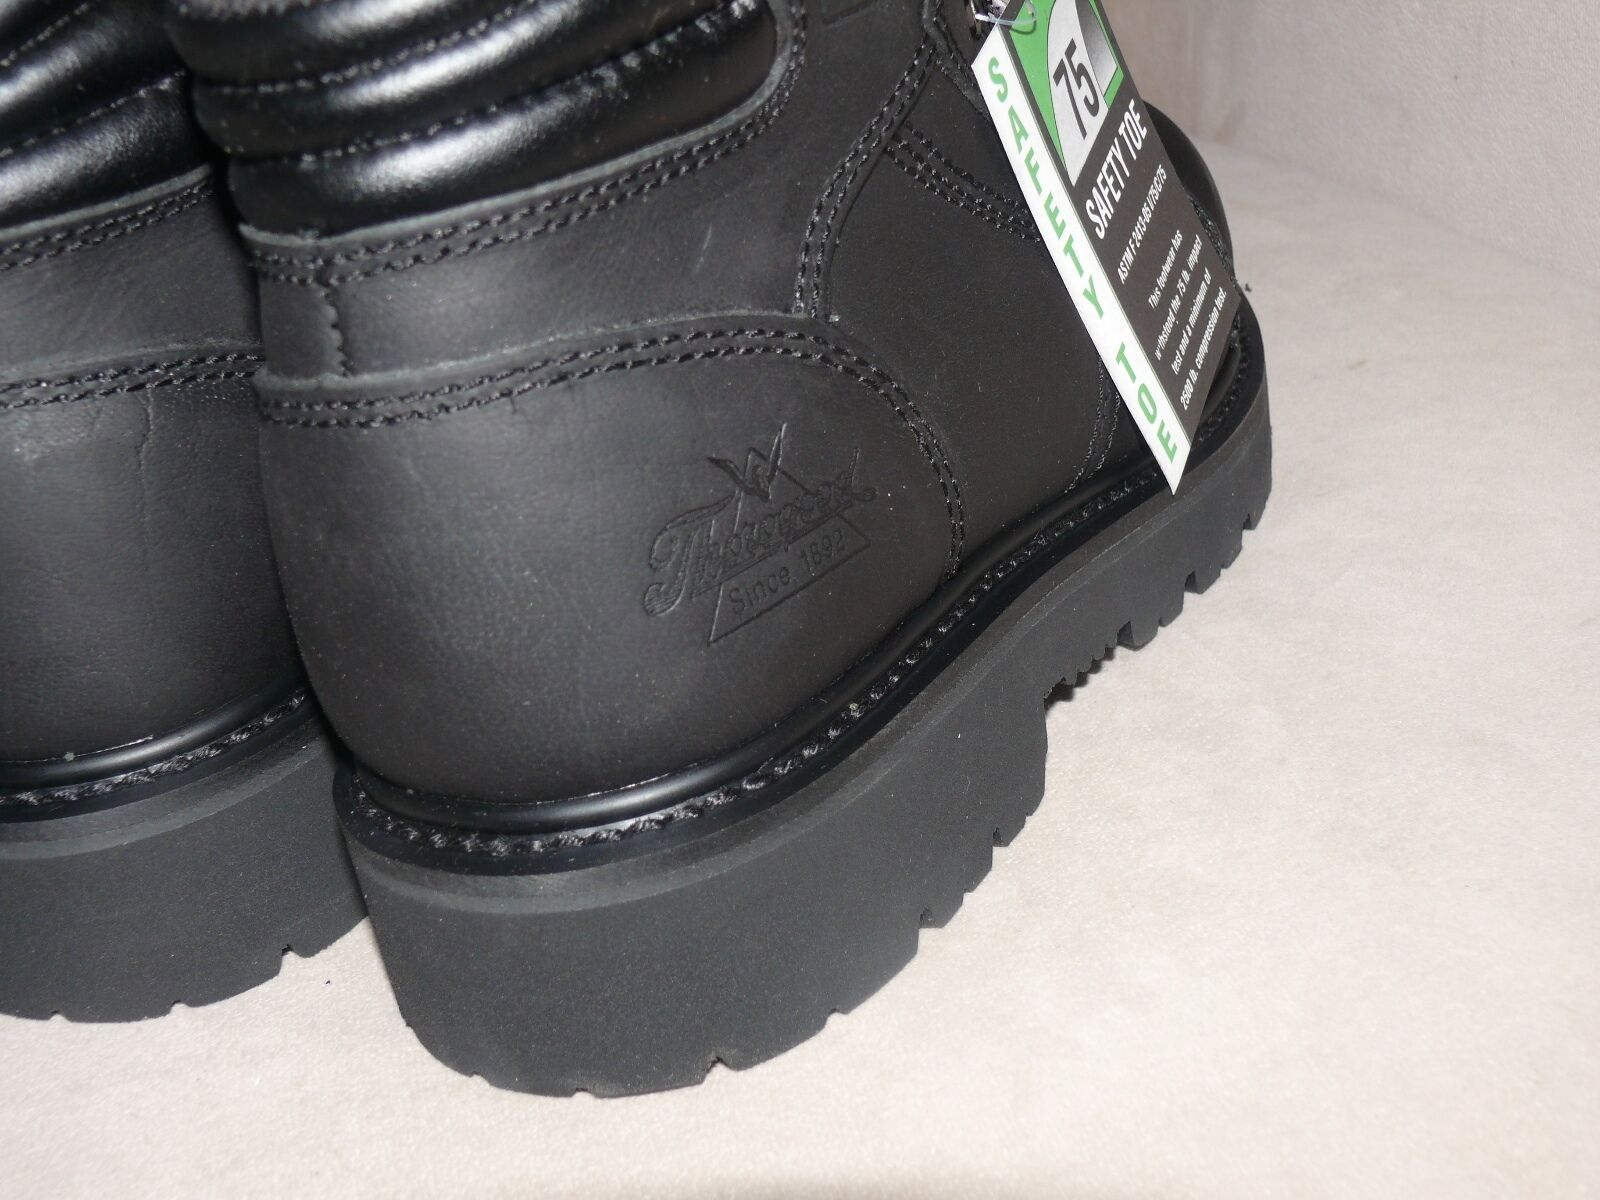 Thorogood Para Hombre punta Semi-oblicuo Encaje punta Hombre a Botas De Seguridad, Negro 6 804-6450 338aed